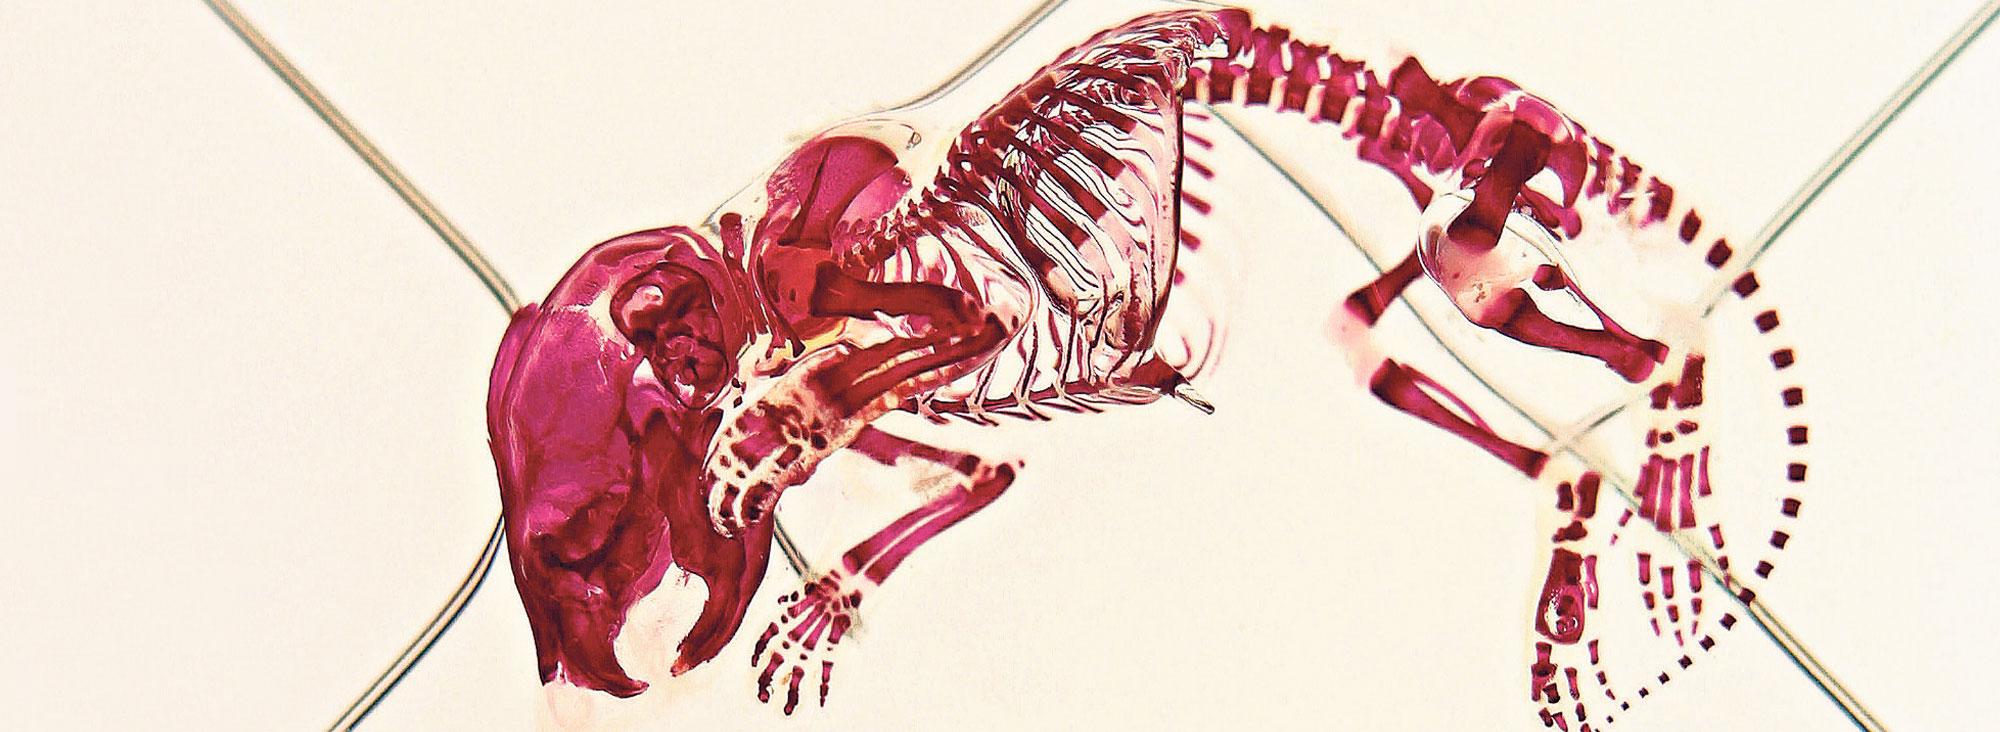 La imagen  muestra la radiografía de un ratón que es sometido a ensayos en un laboratorio.